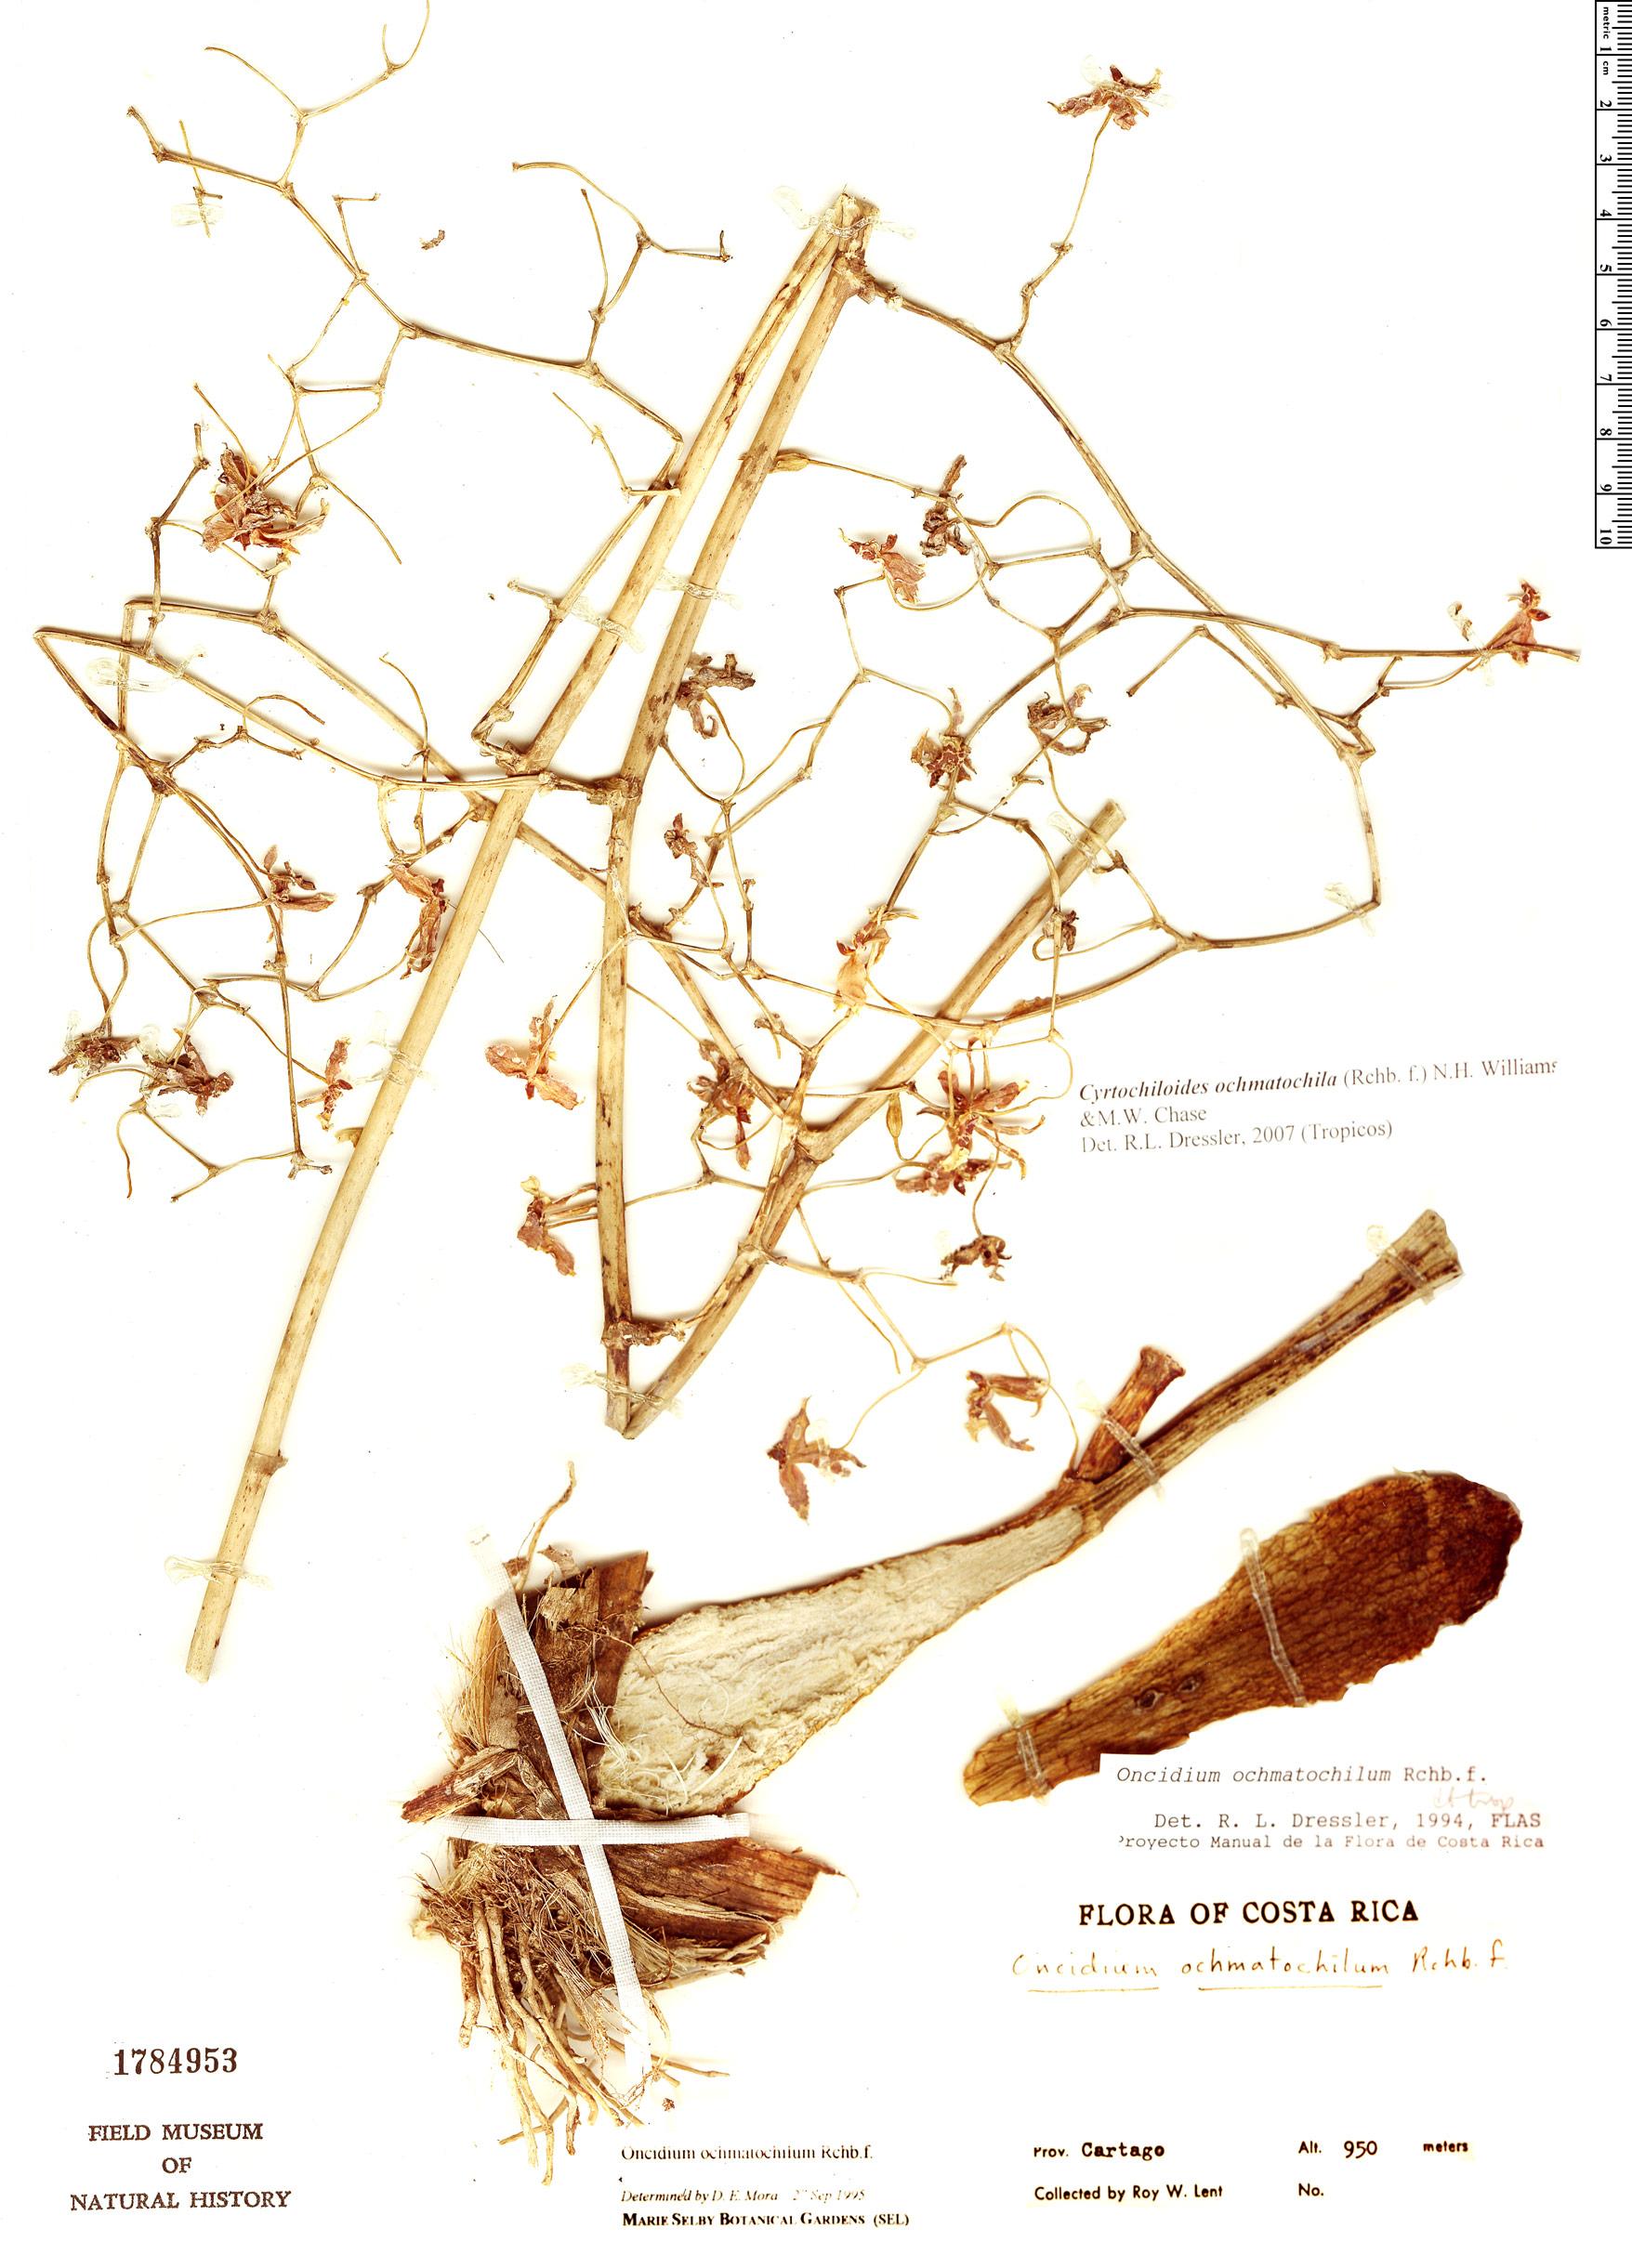 Specimen: Cyrtochiloides ochmatochila